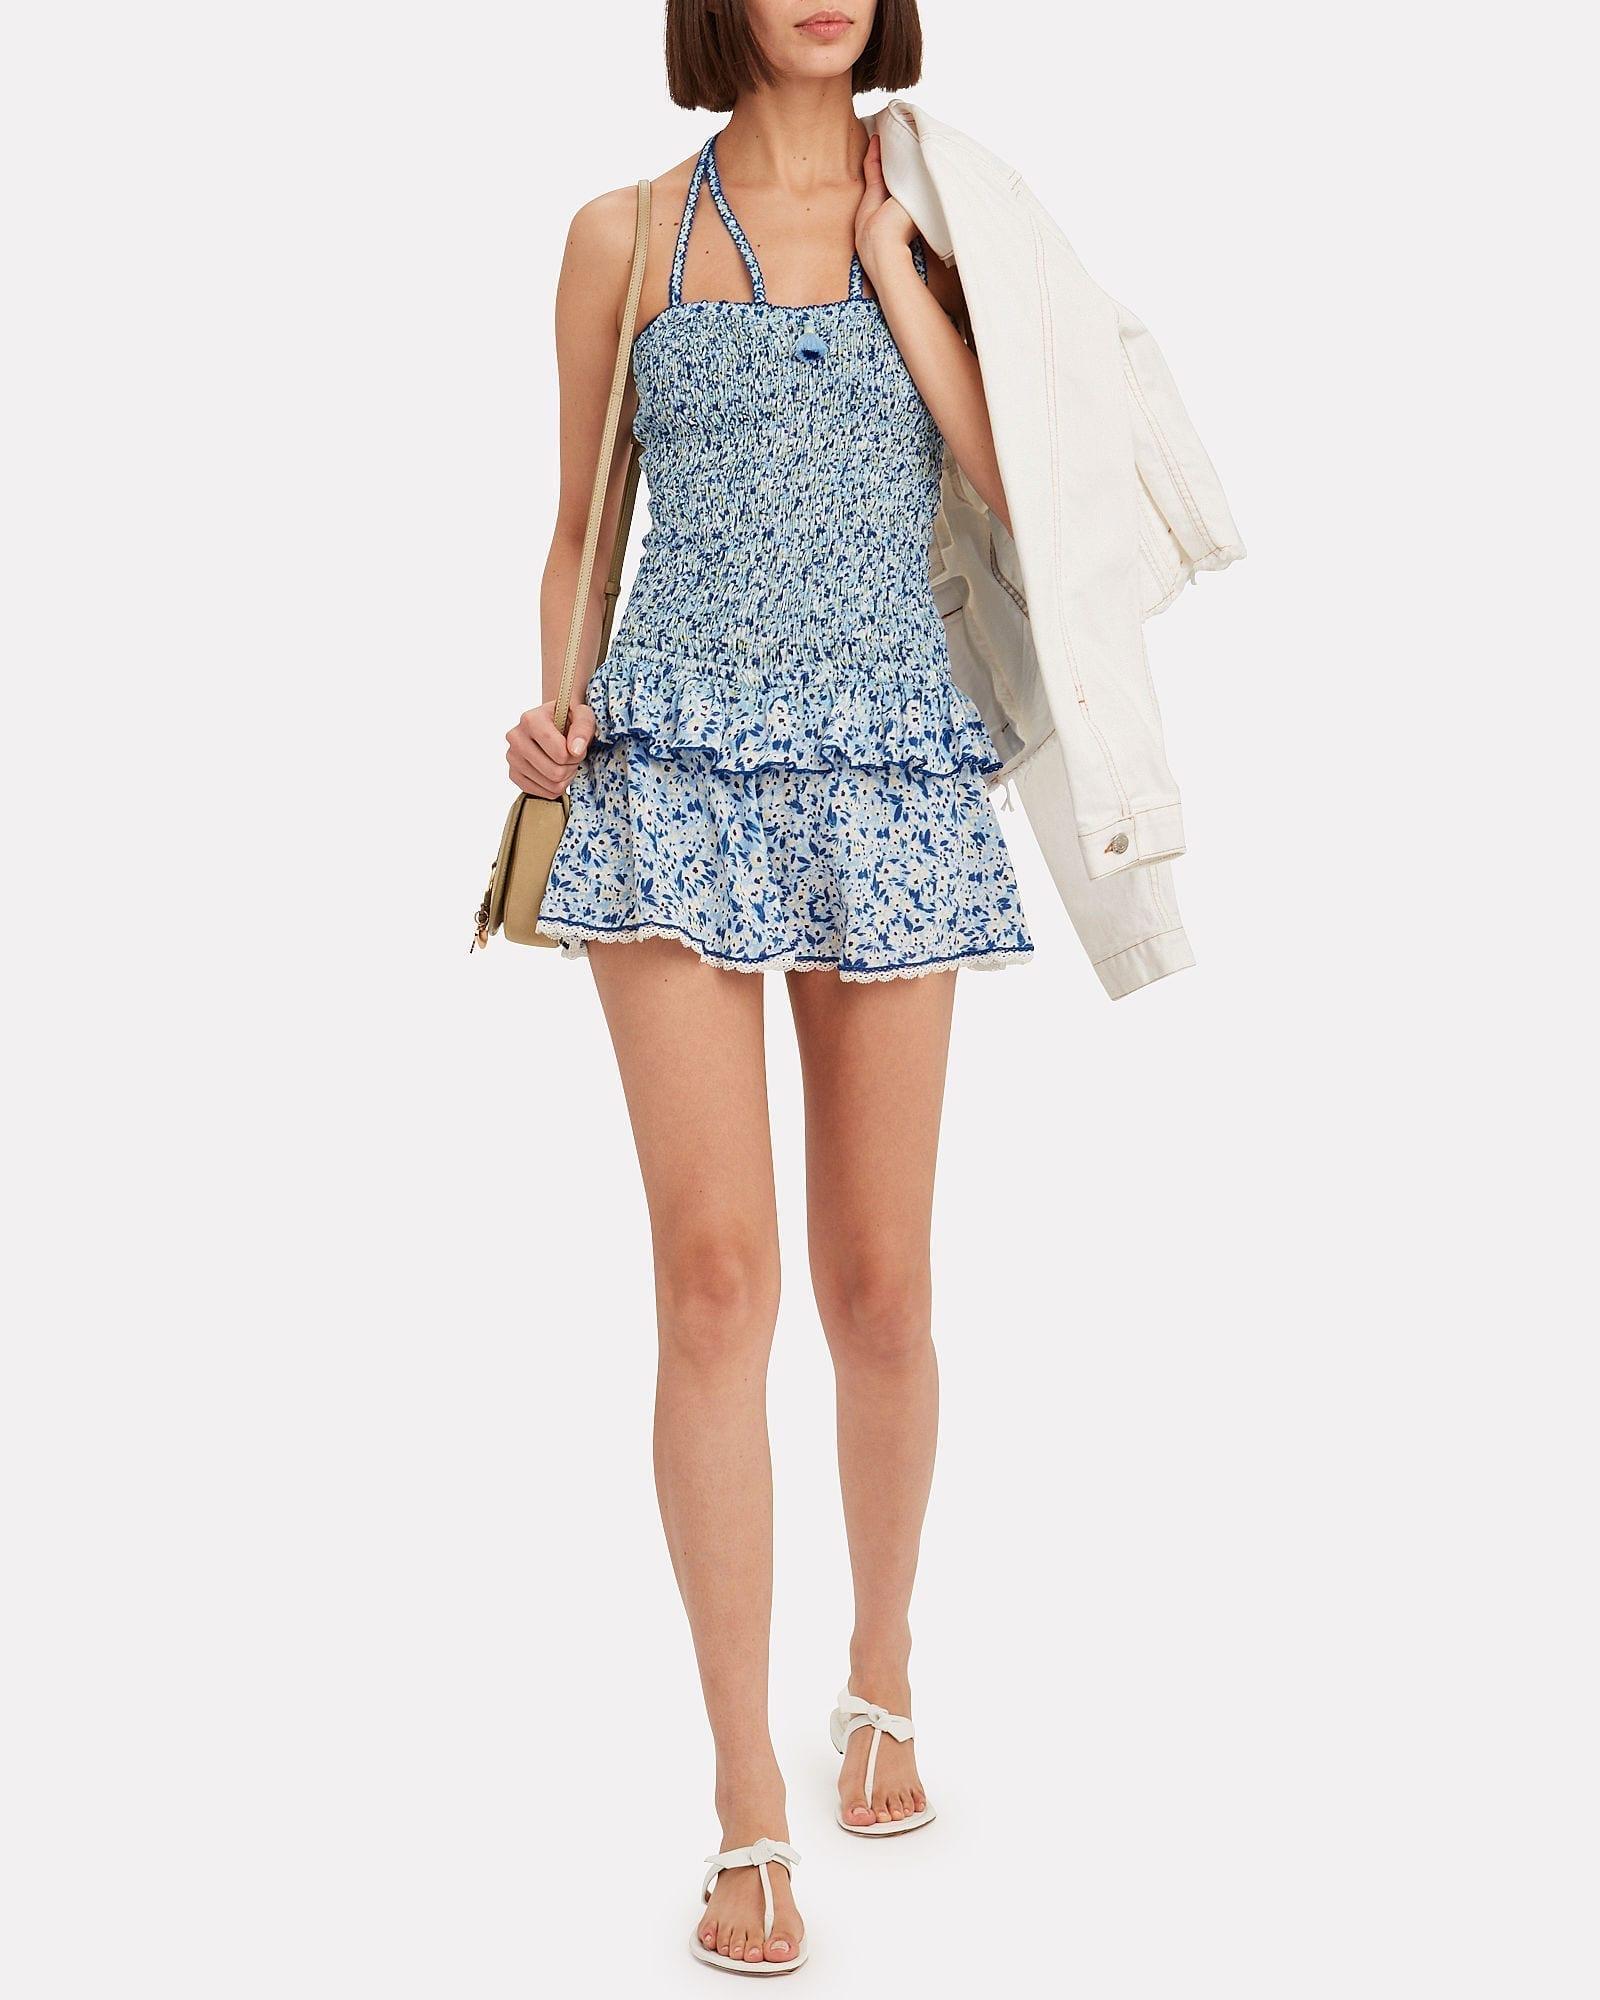 POUPETTE ST BARTH Yoana Floral Mini Dress